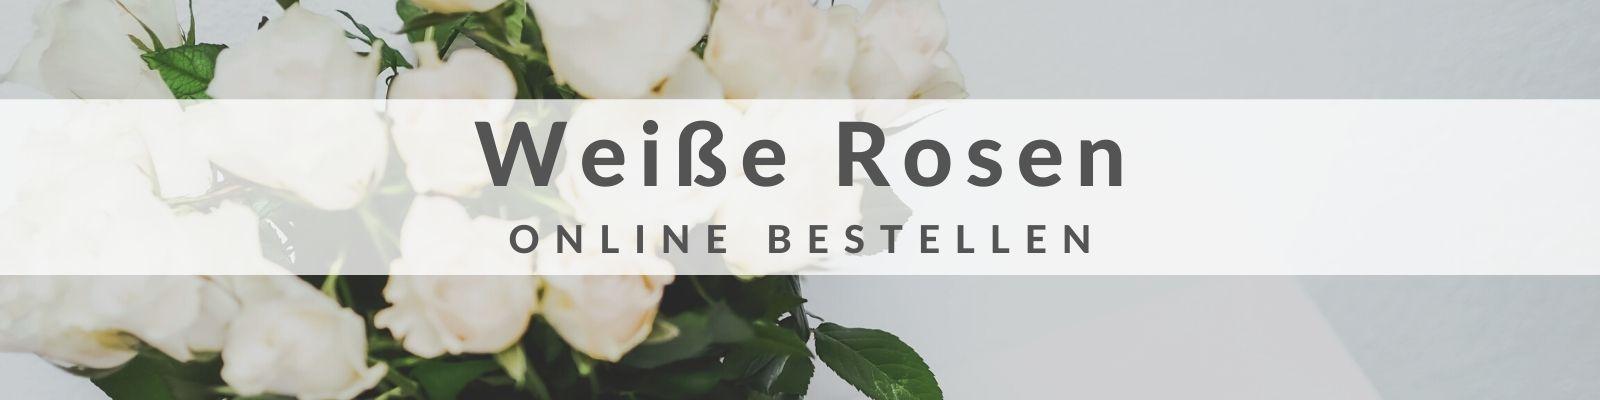 Weiße Rosen bestellen und verschicken